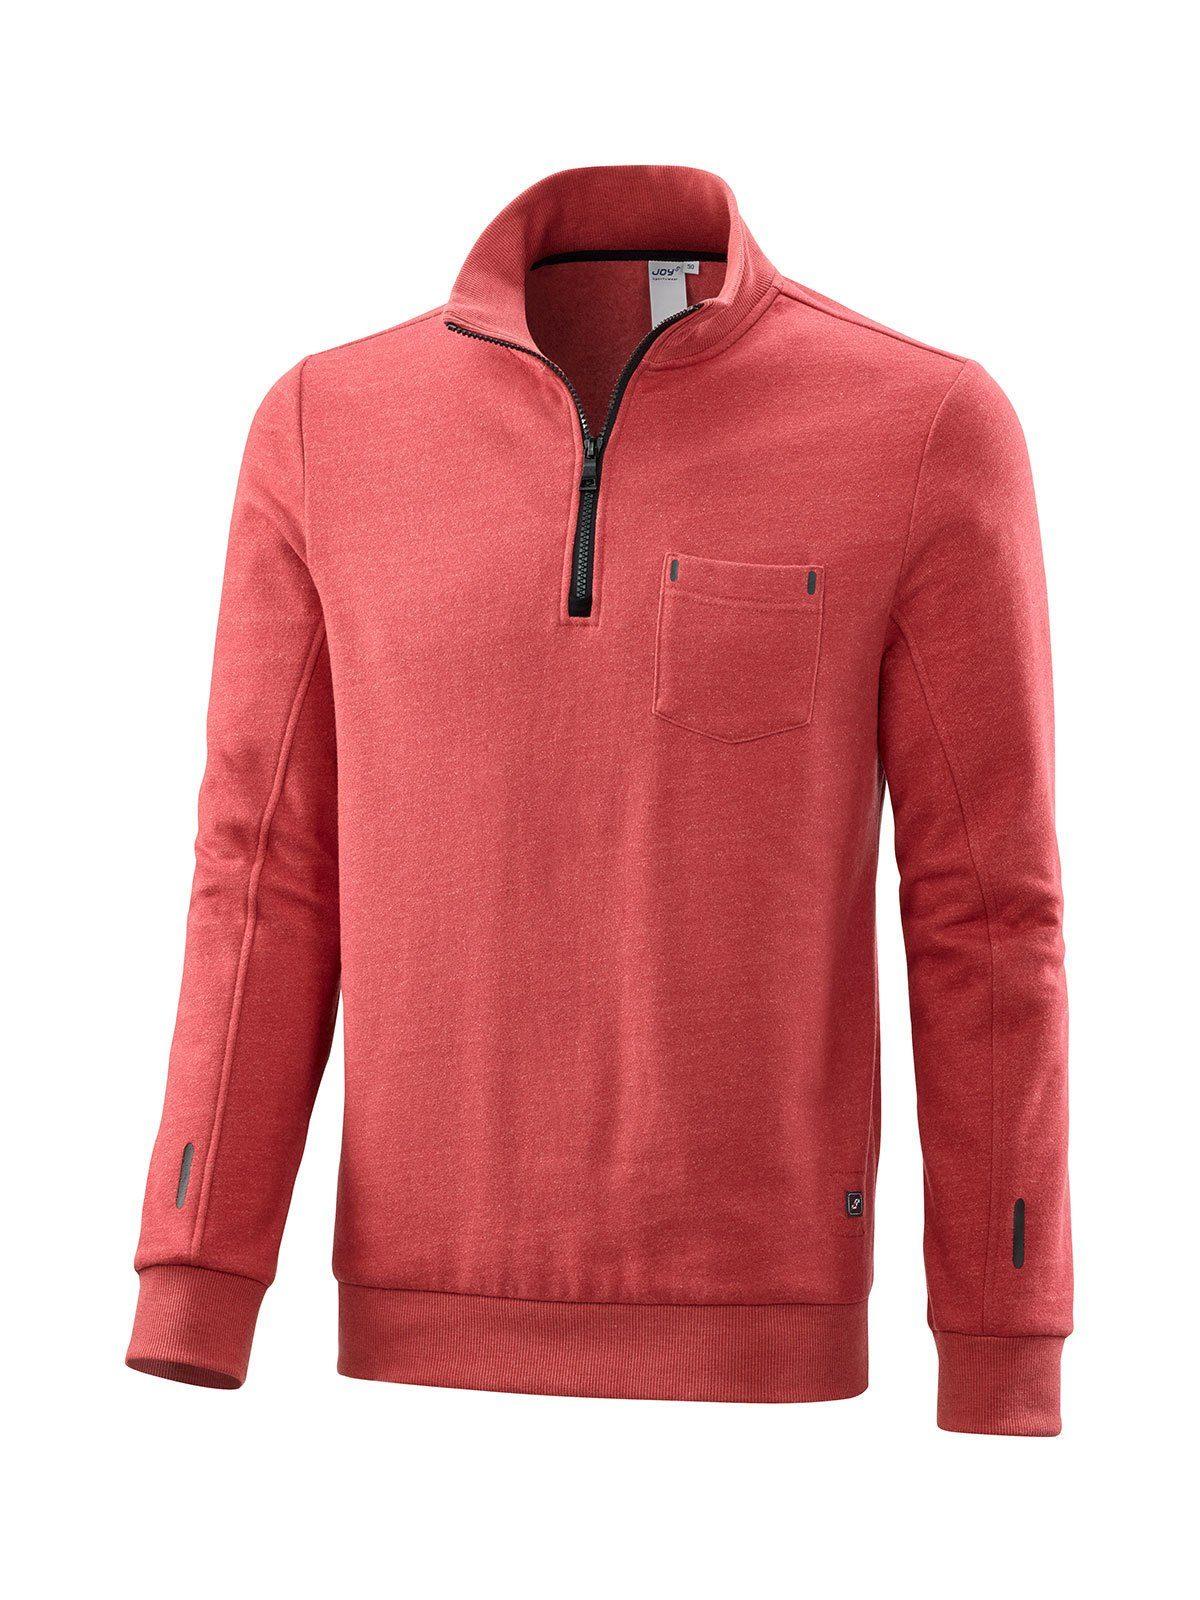 Joy Sportswear Sweatshirt JULIAN | Sportbekleidung > Sportshirts > Funktionsshirts | Joy Sportswear